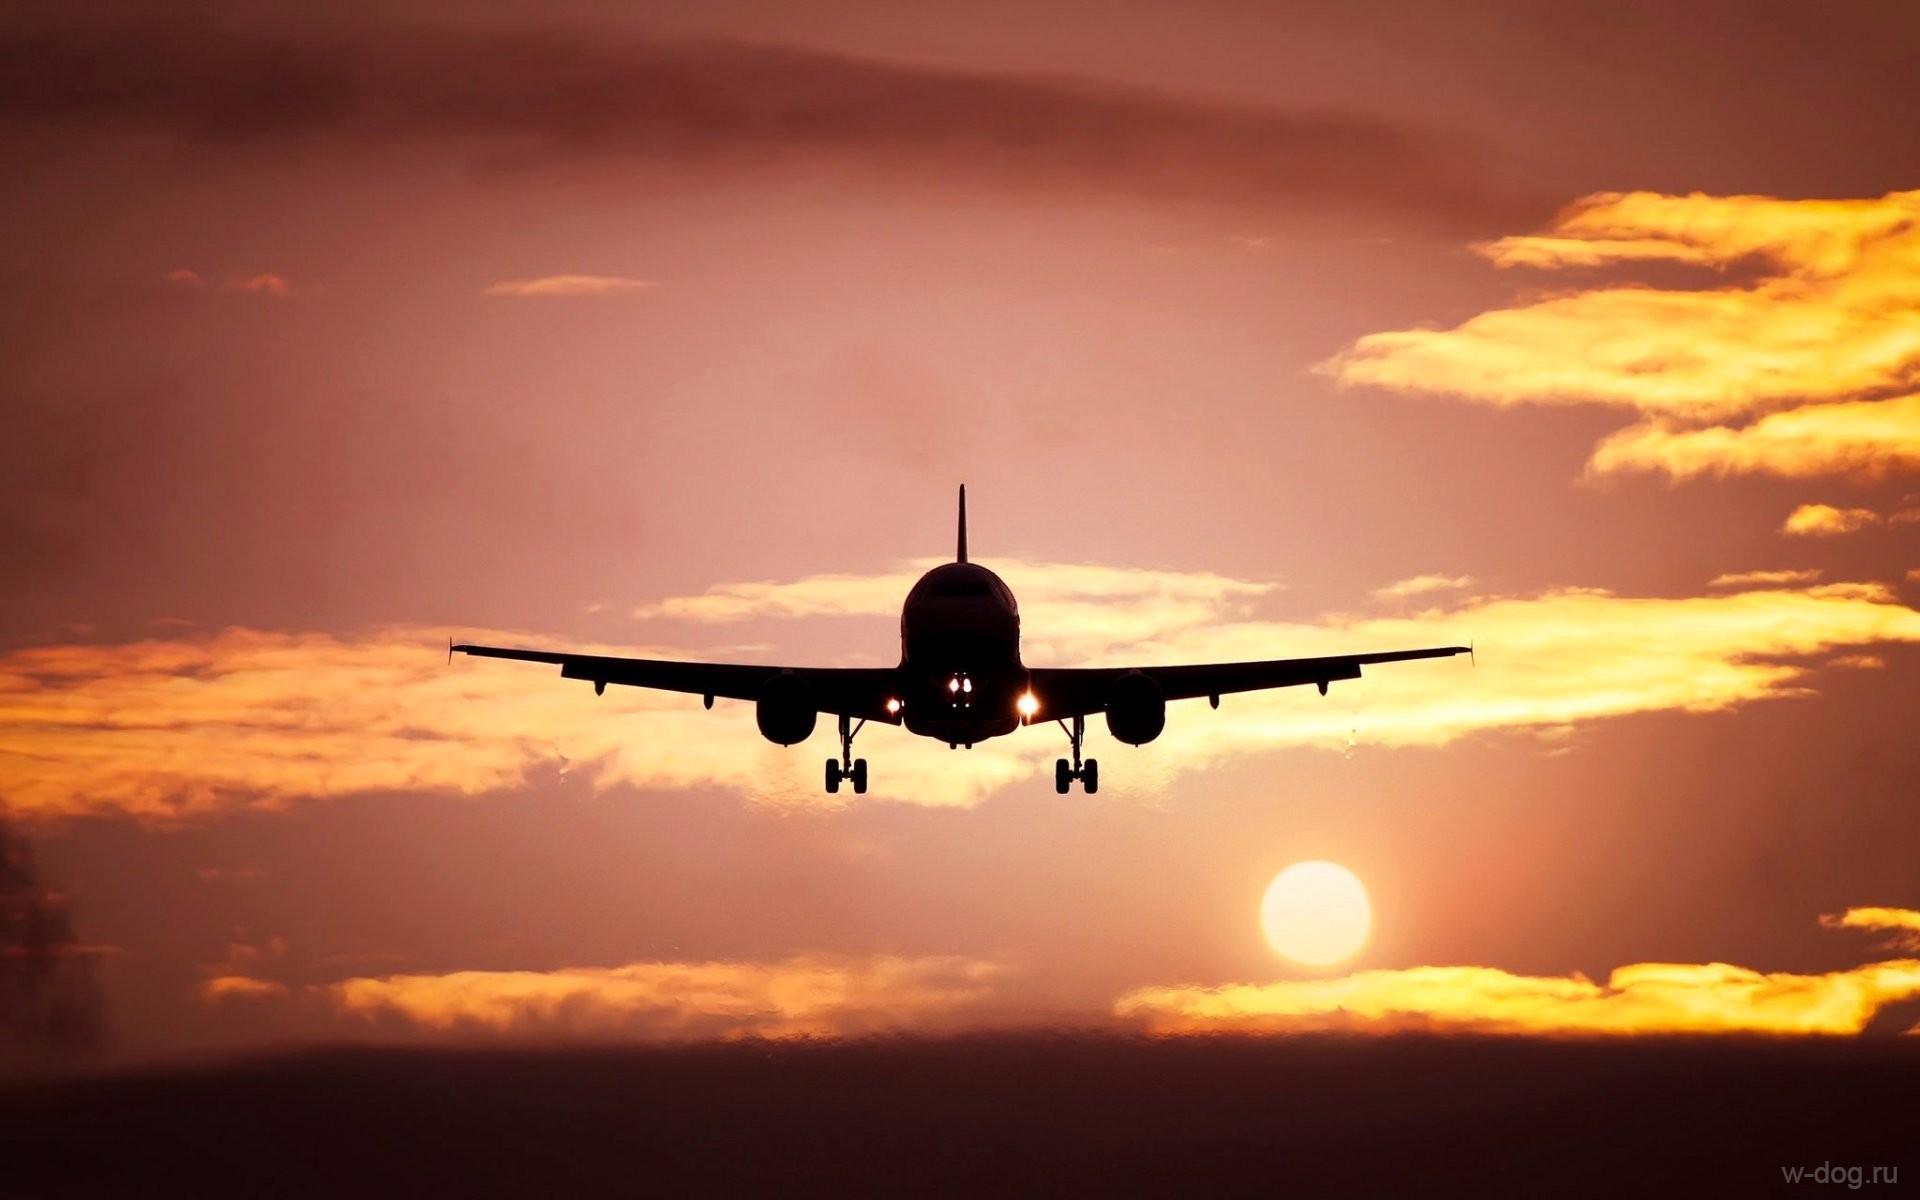 солнце и самолет